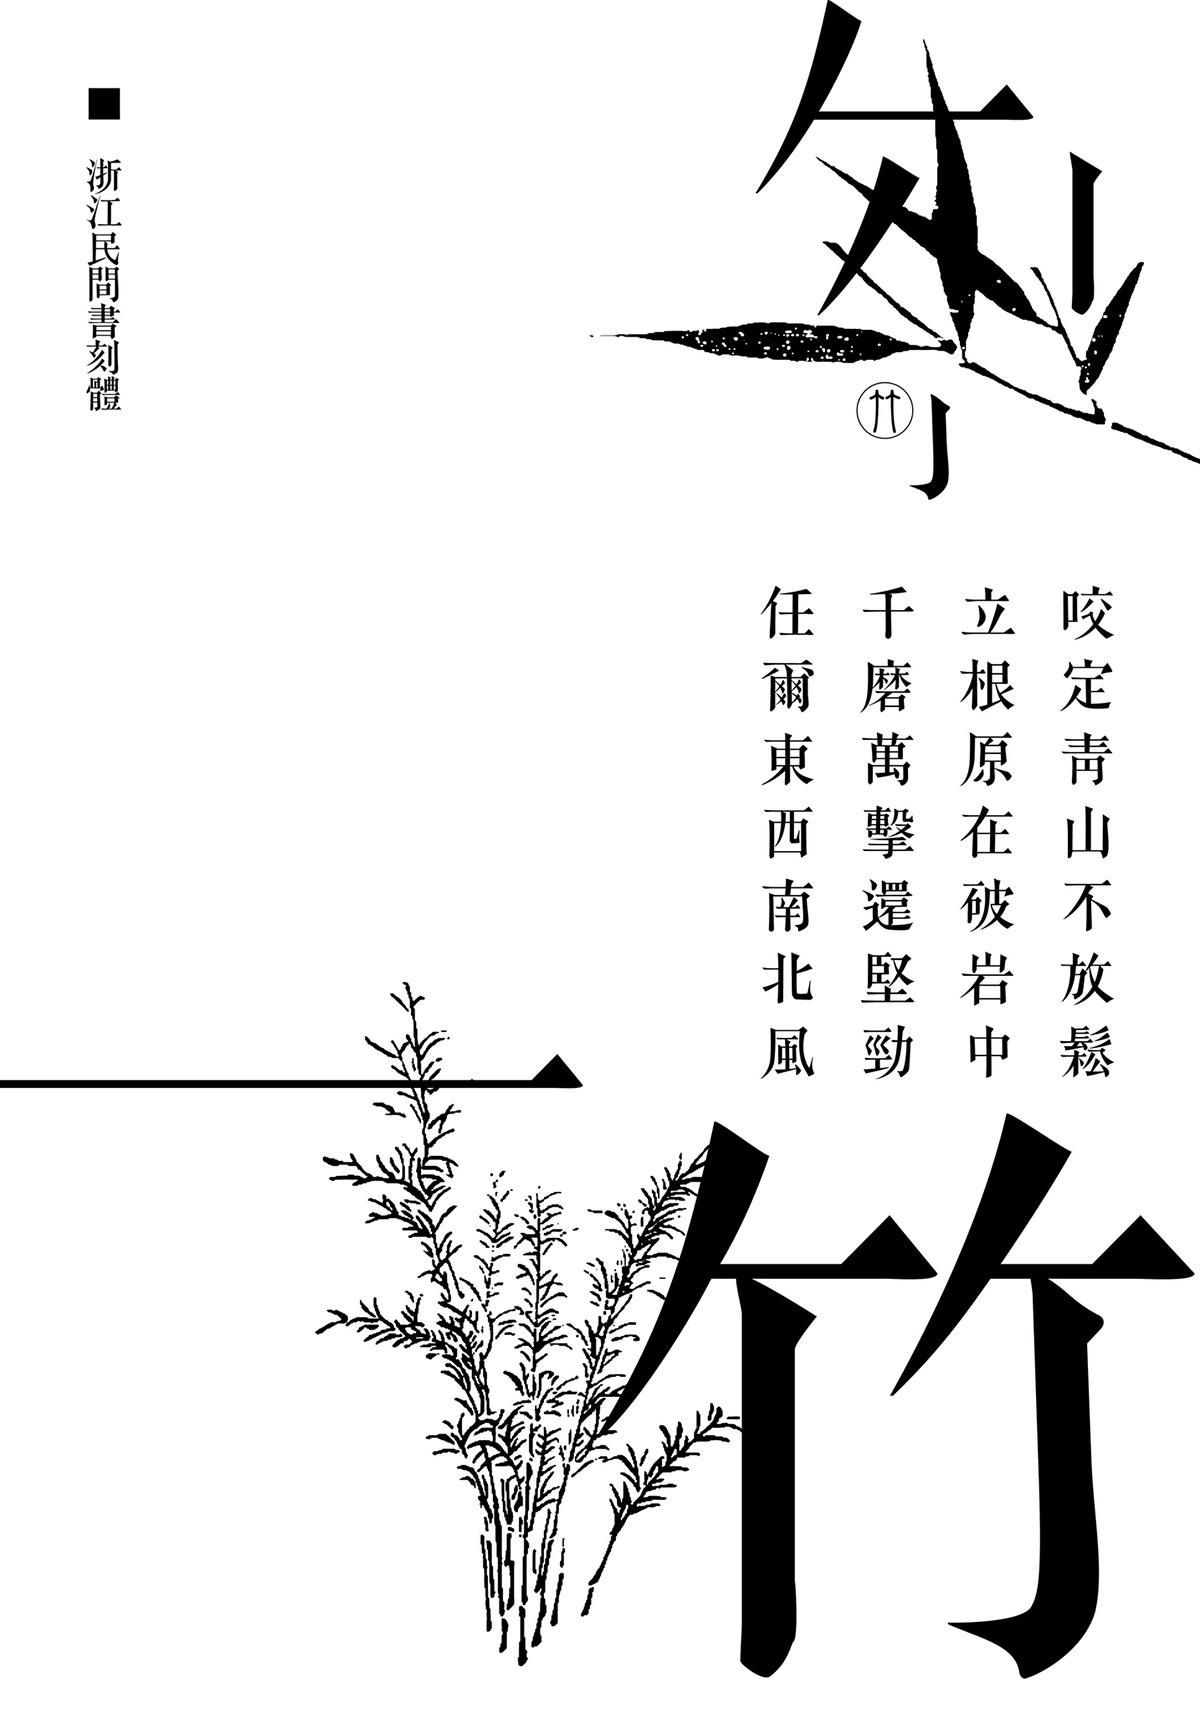 Chekiang Sung poster